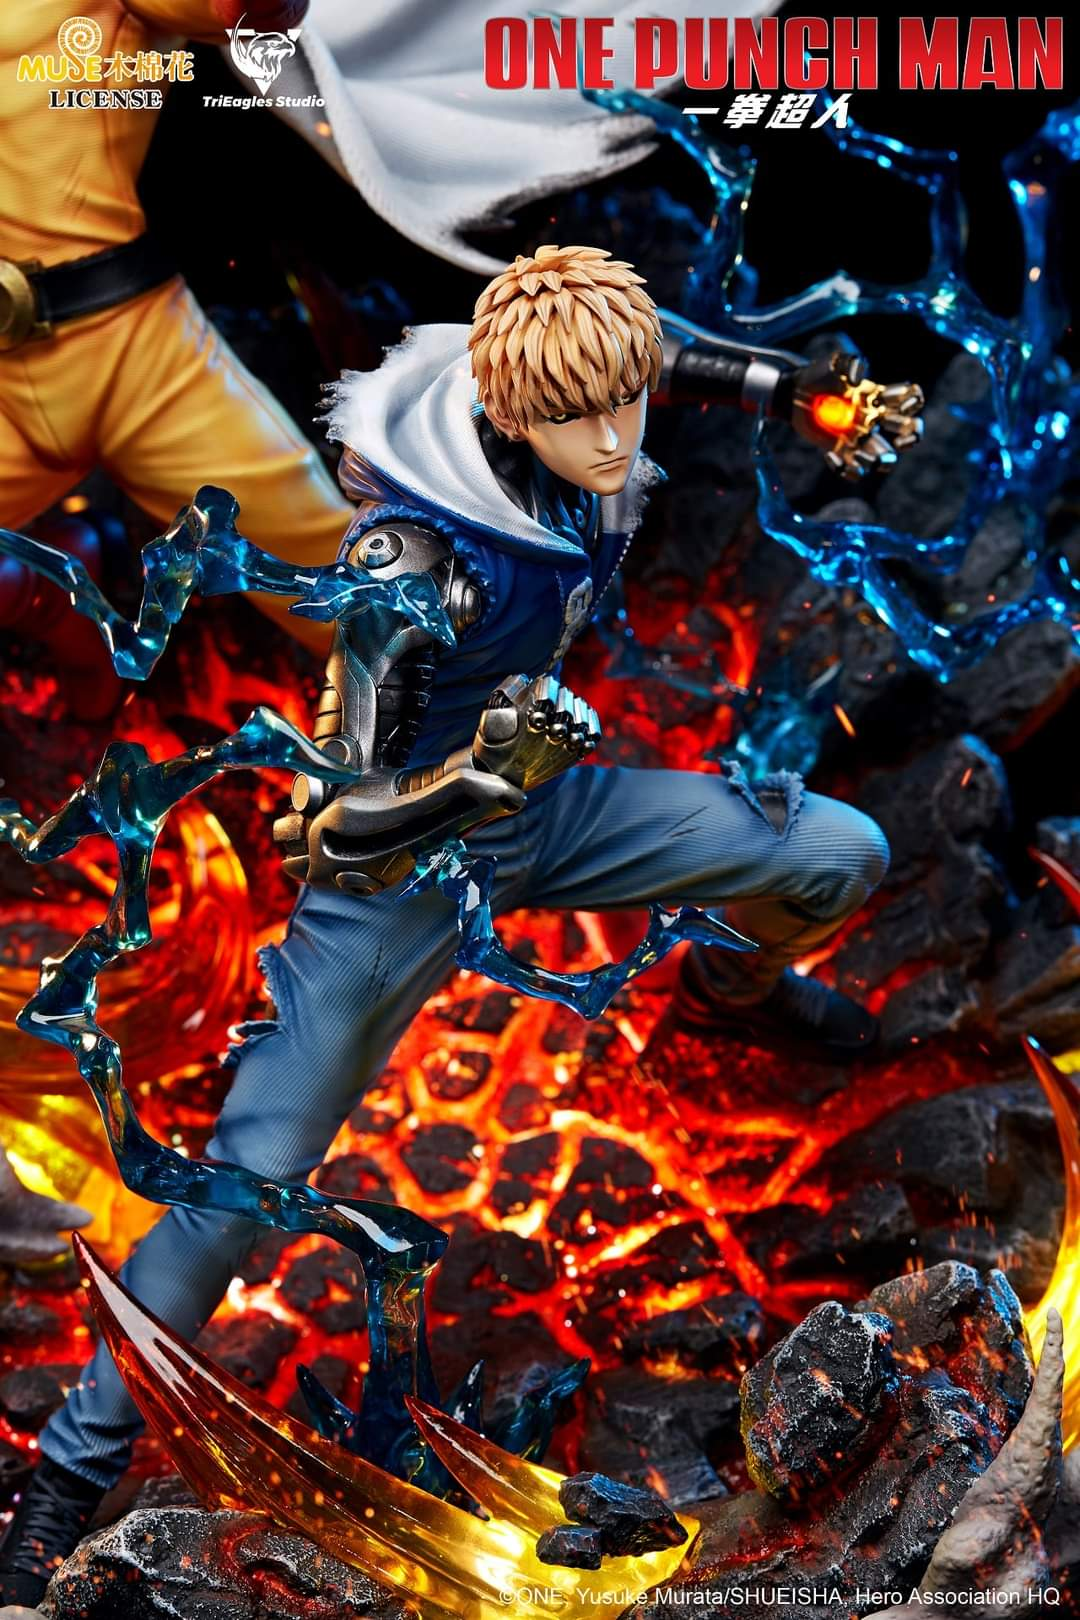 Figura One Punch-Man Saitama y Genos por TriEagles Studio